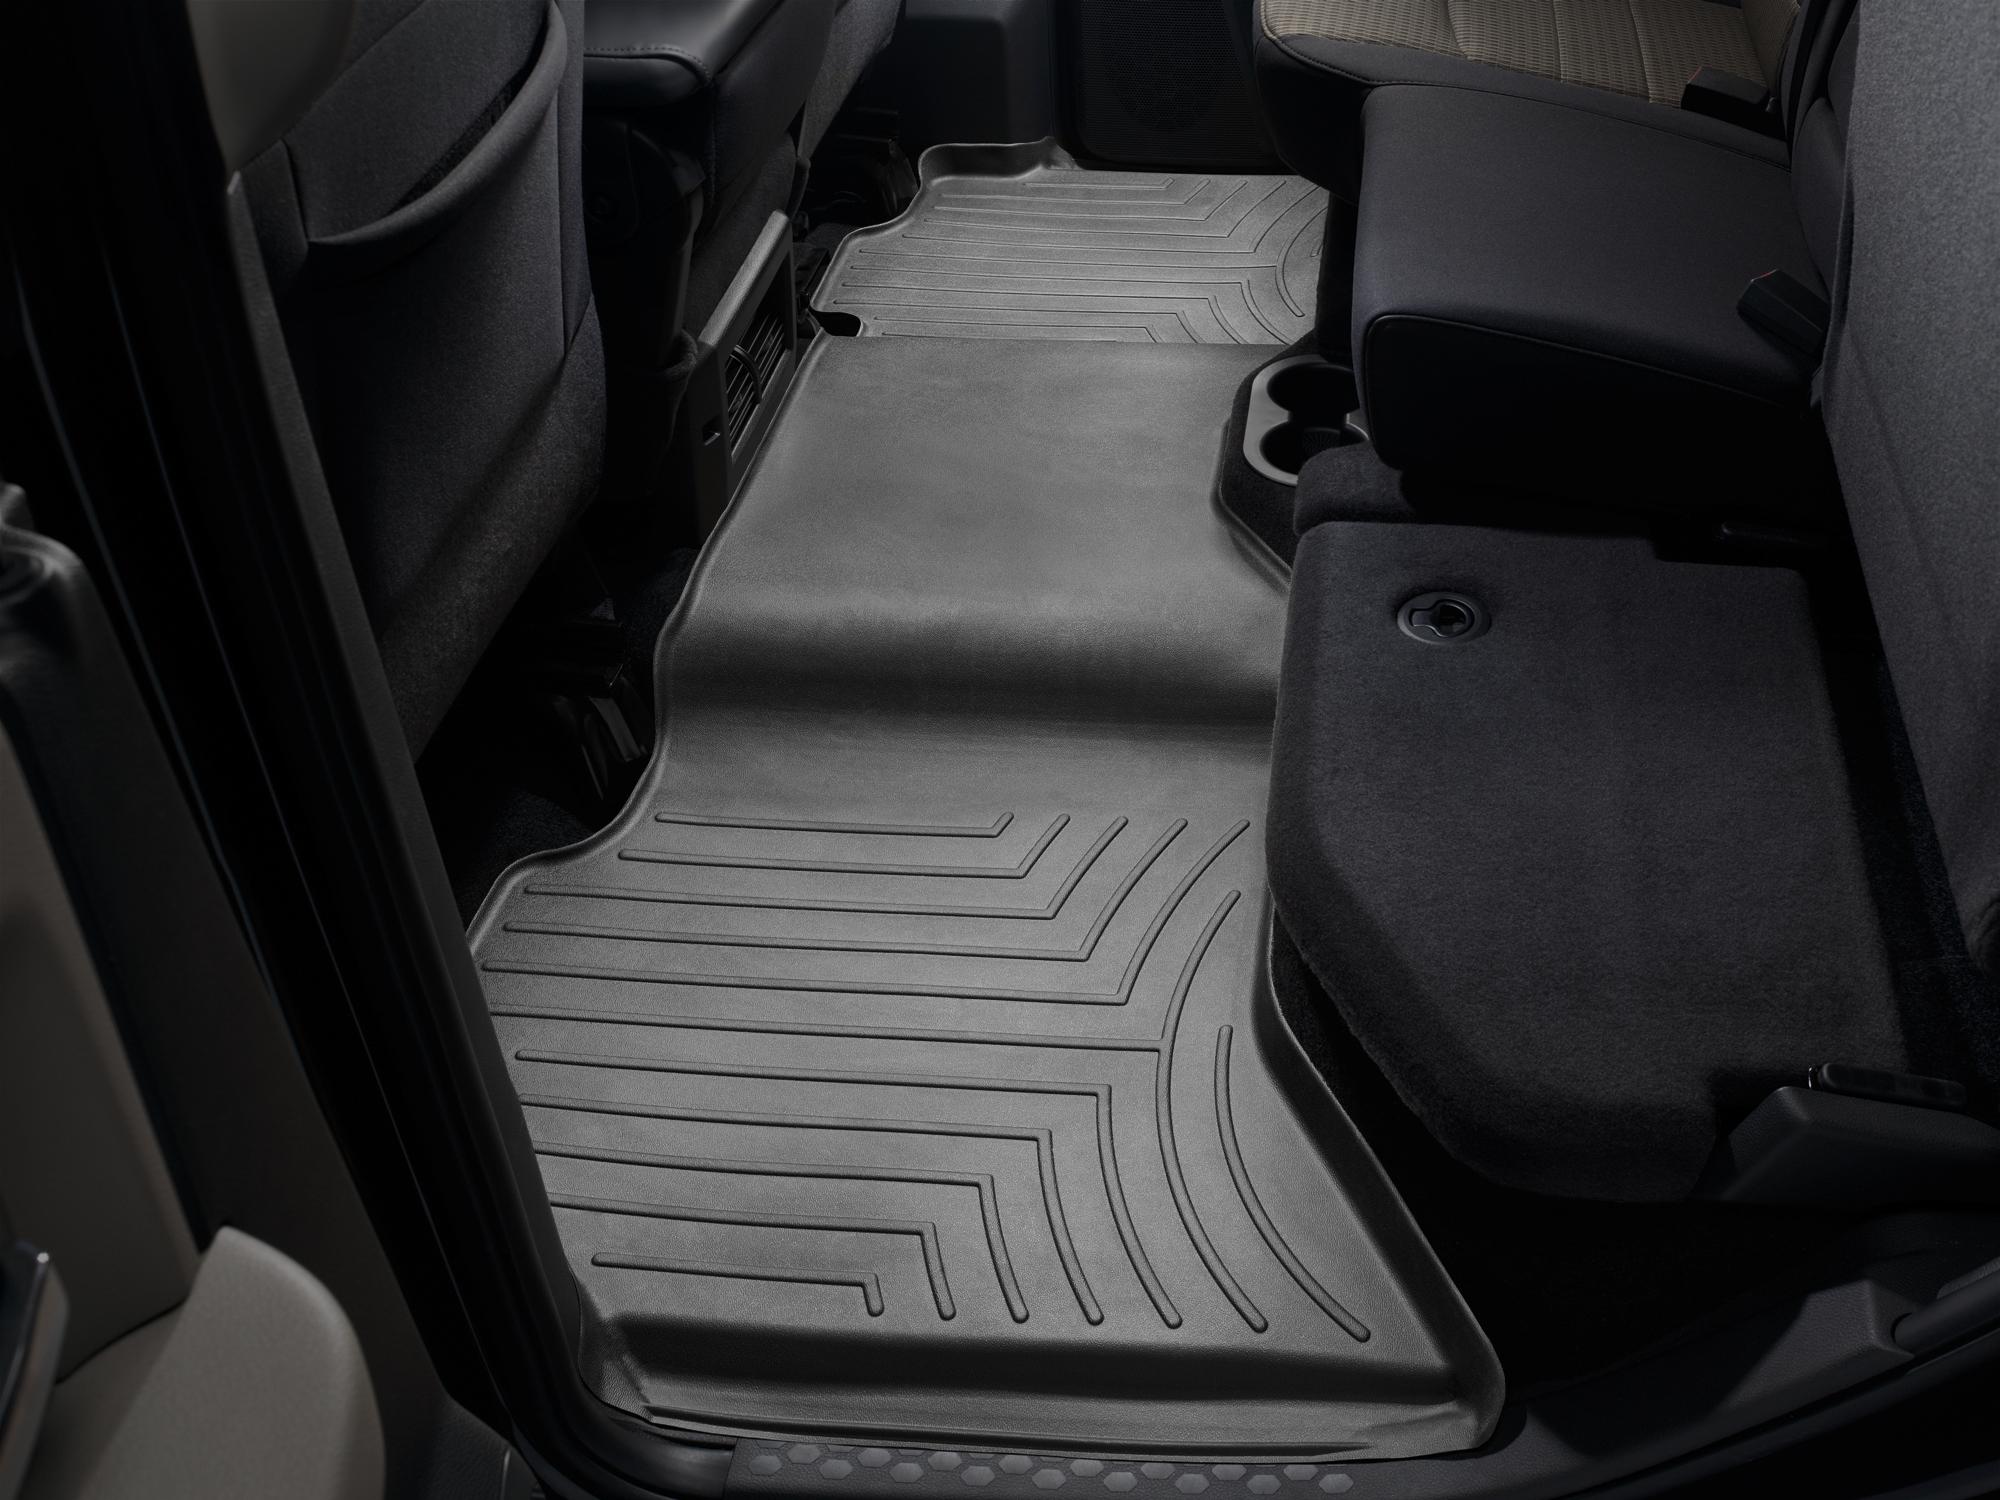 Tappeti gomma su misura bordo alto Dodge Ram Truck 2500/3500 13>17 Nero A730*